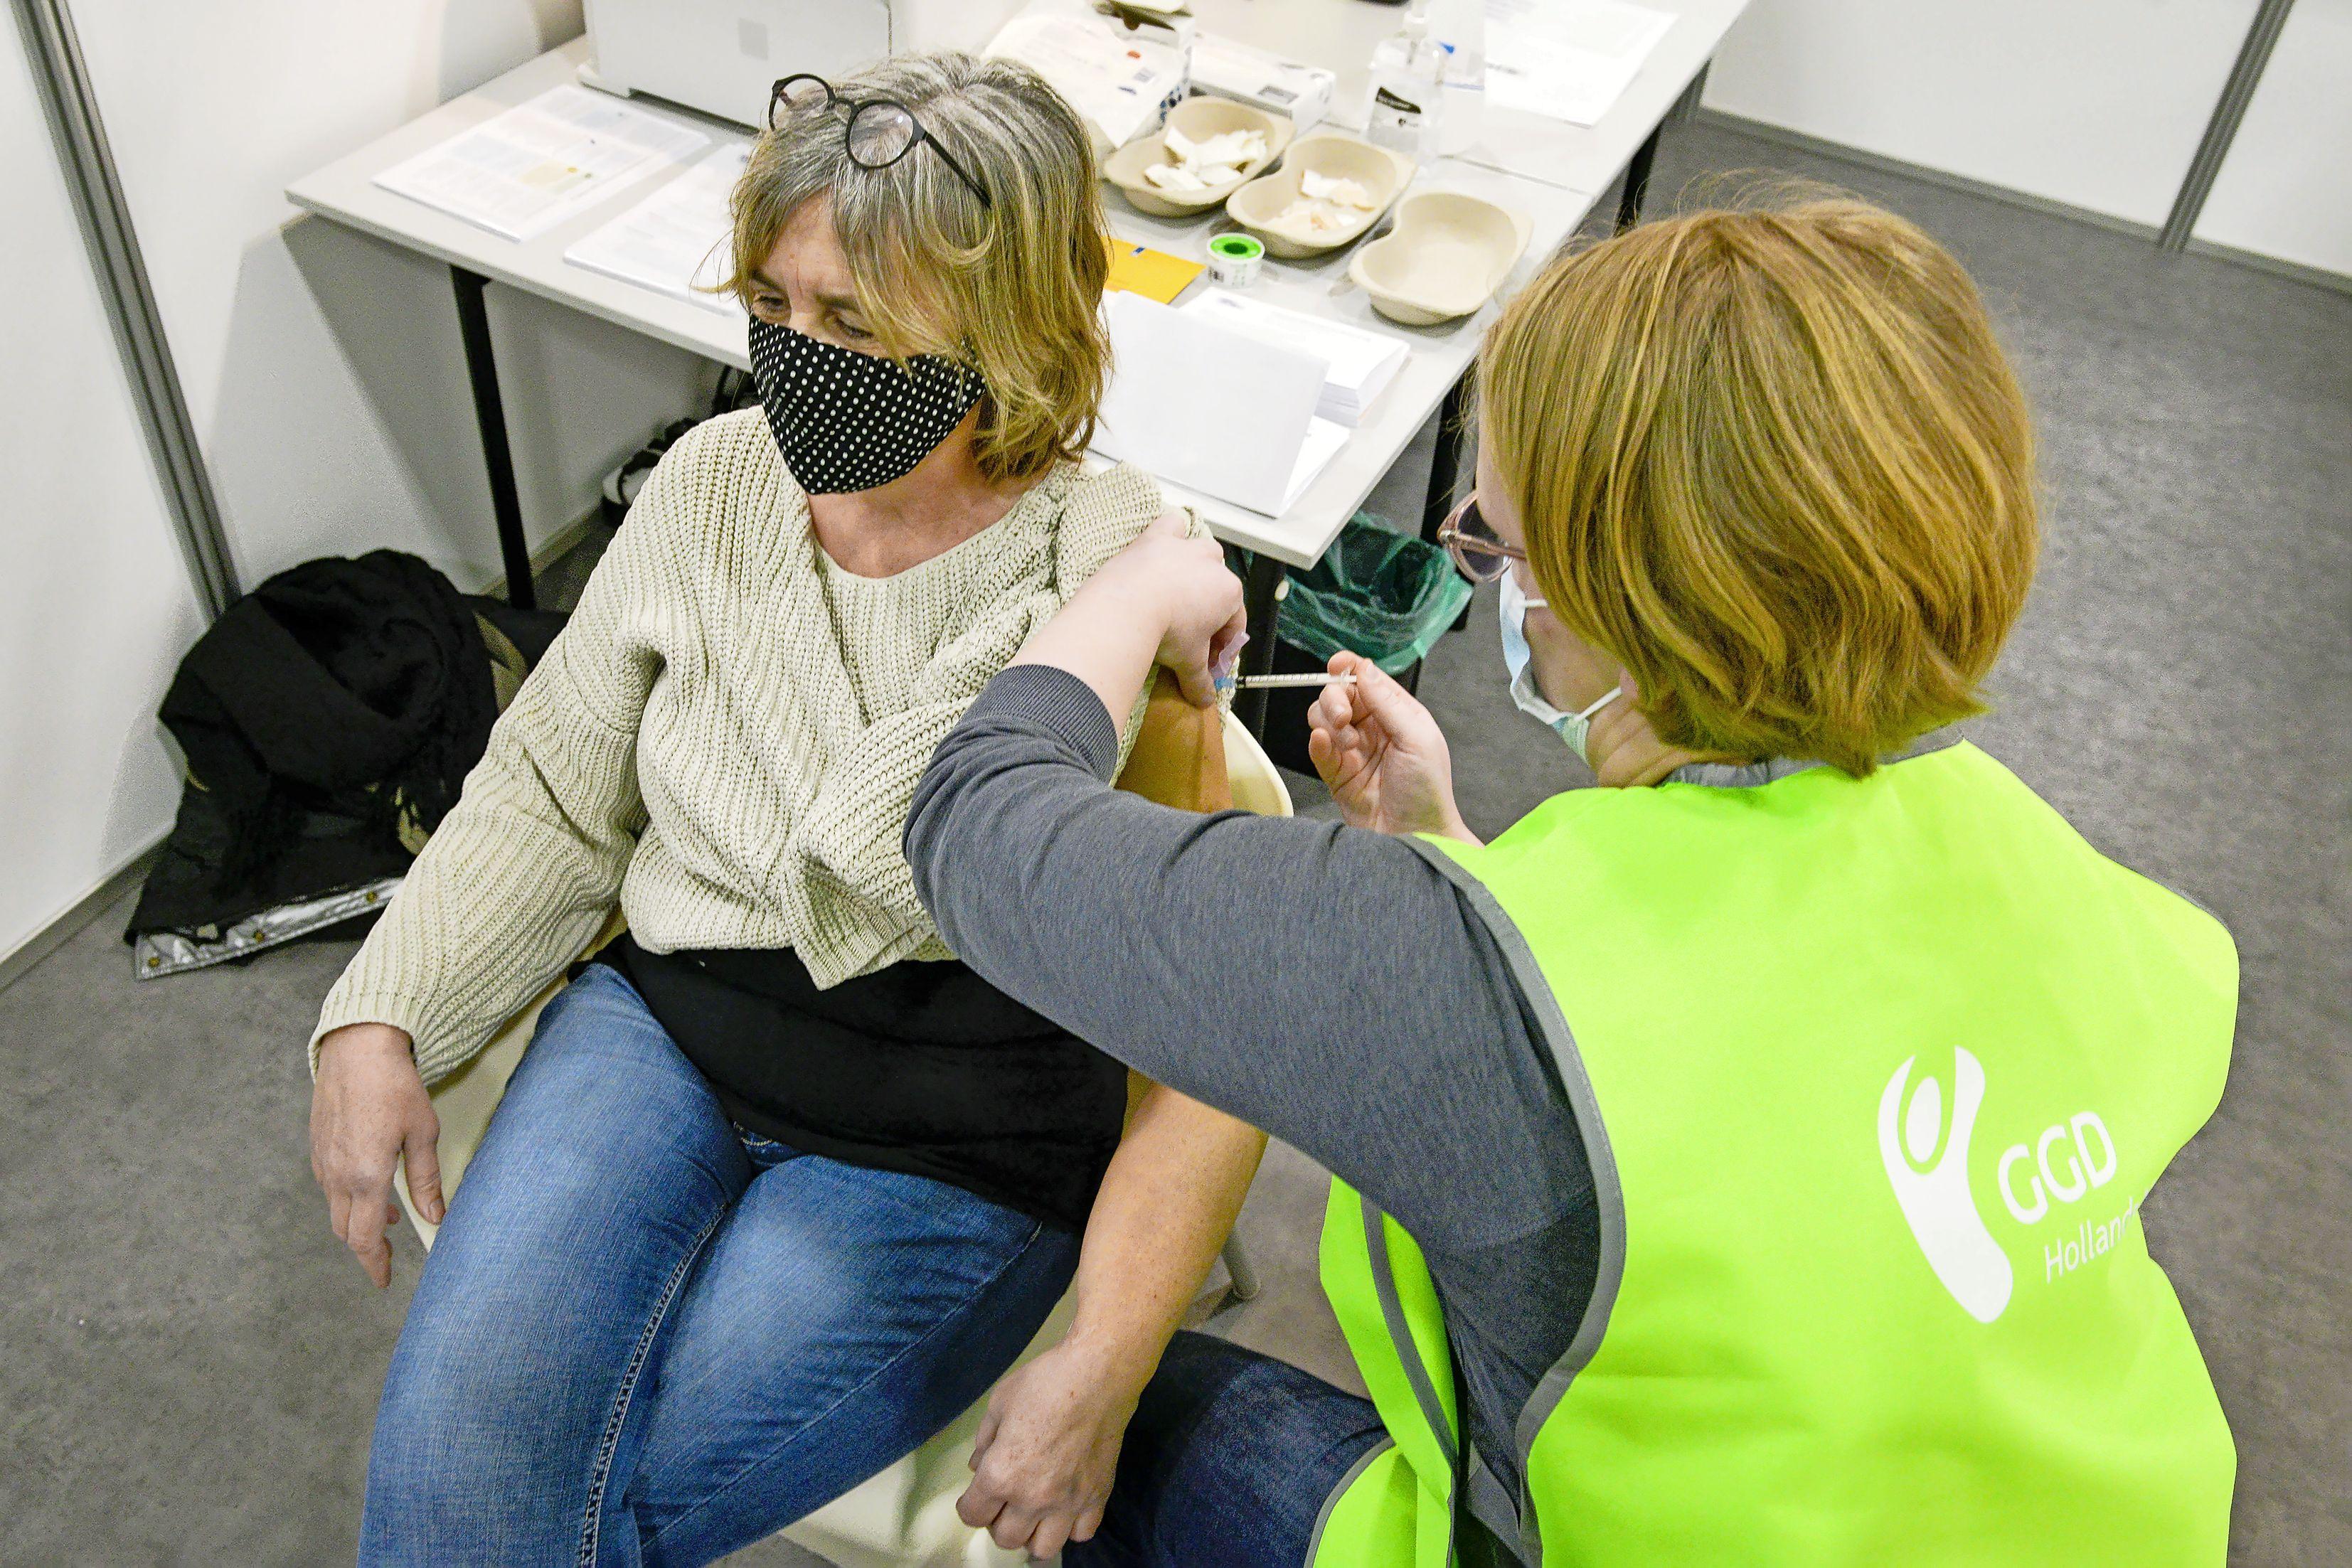 Dertig procent van de Texelaars onder de zestig heeft niet gereageerd op uitnodiging voor vaccinatie. Twaalf- tot achttienjarigen mogelijk ook op het eiland geprikt